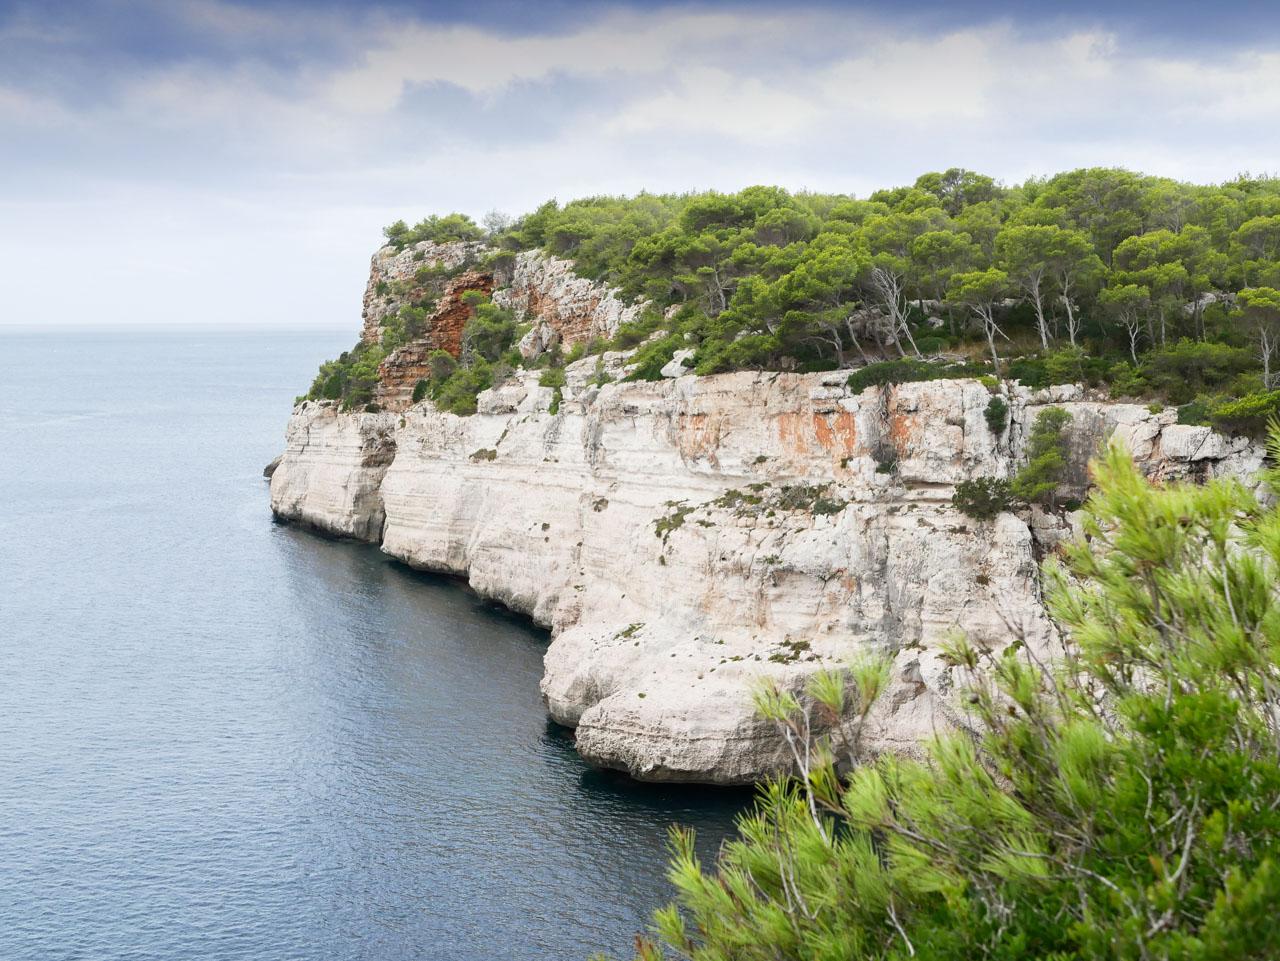 Randonnée le long du Cami de Cavalls à Minorque